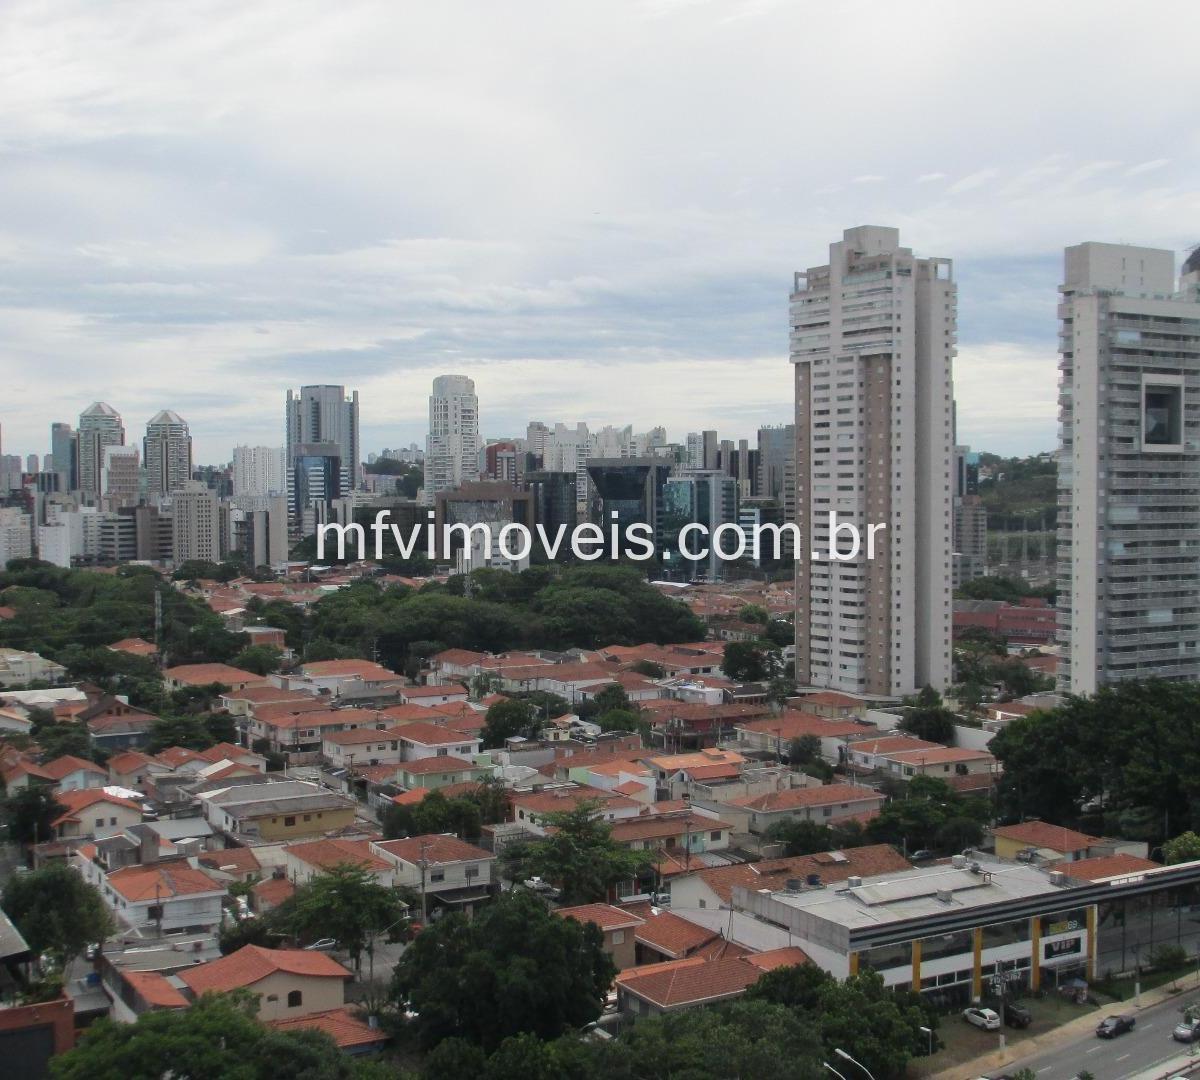 Imagens de #7D5B4E Apartamento para aluguel com 2 Quartos Vila Olímpia São Paulo R$  1200x1080 px 2520 Box Banheiro Vila Olimpia